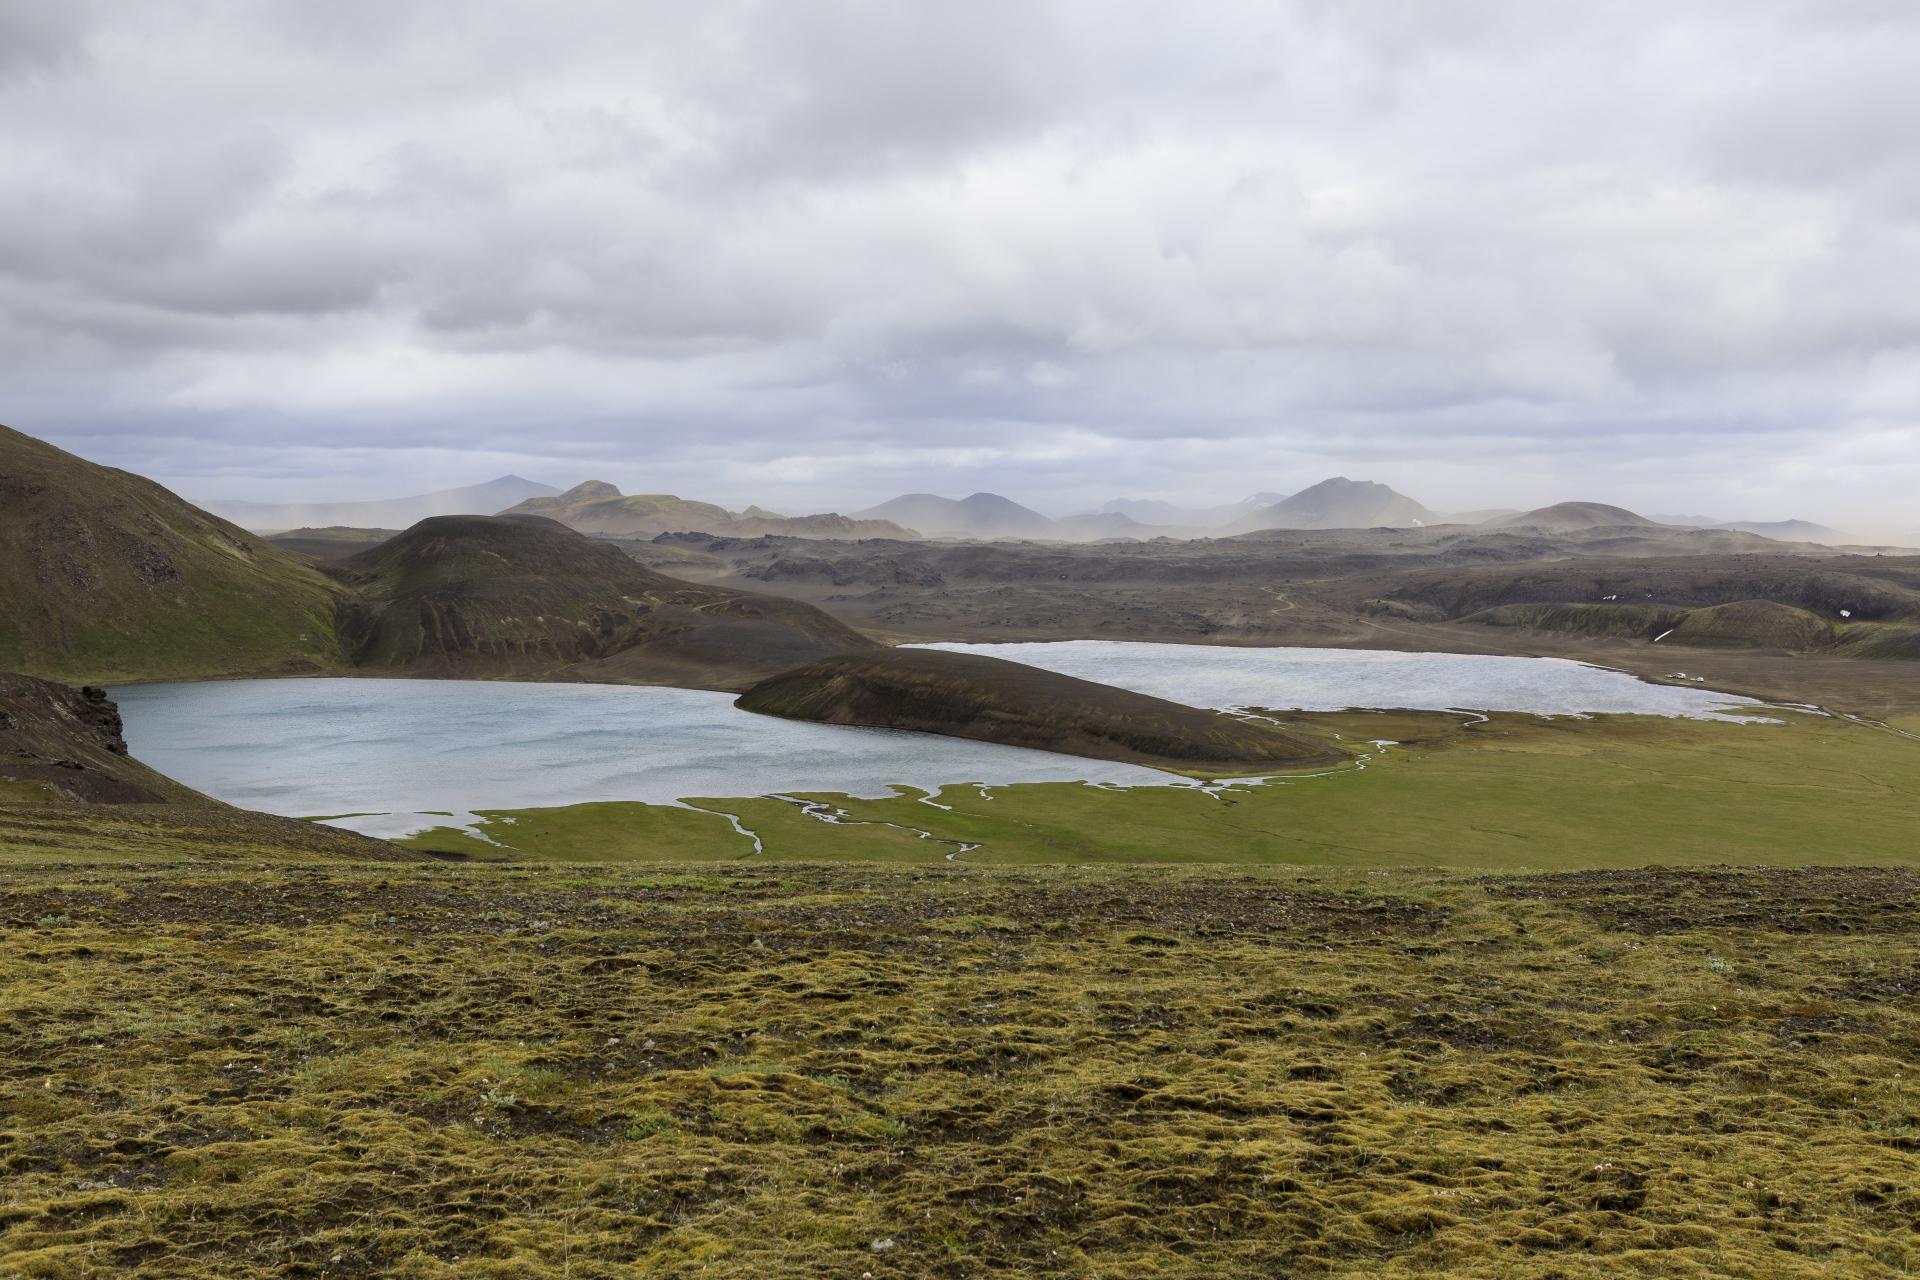 Dómadalsvatn, der die Piste überschwemmt, im Hintergrund wirbelt der Sturm Sand auf